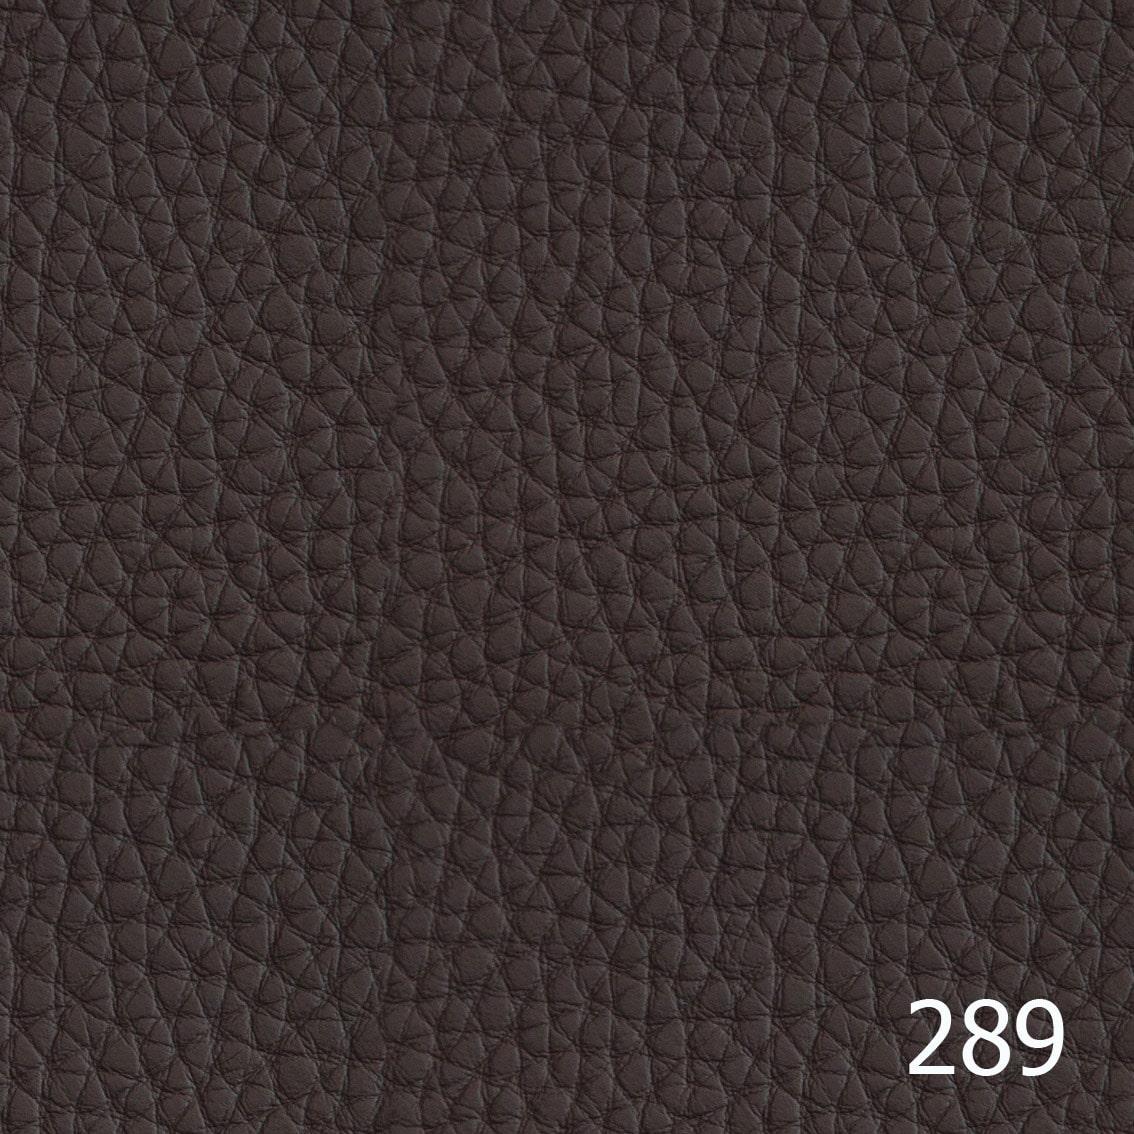 289-min